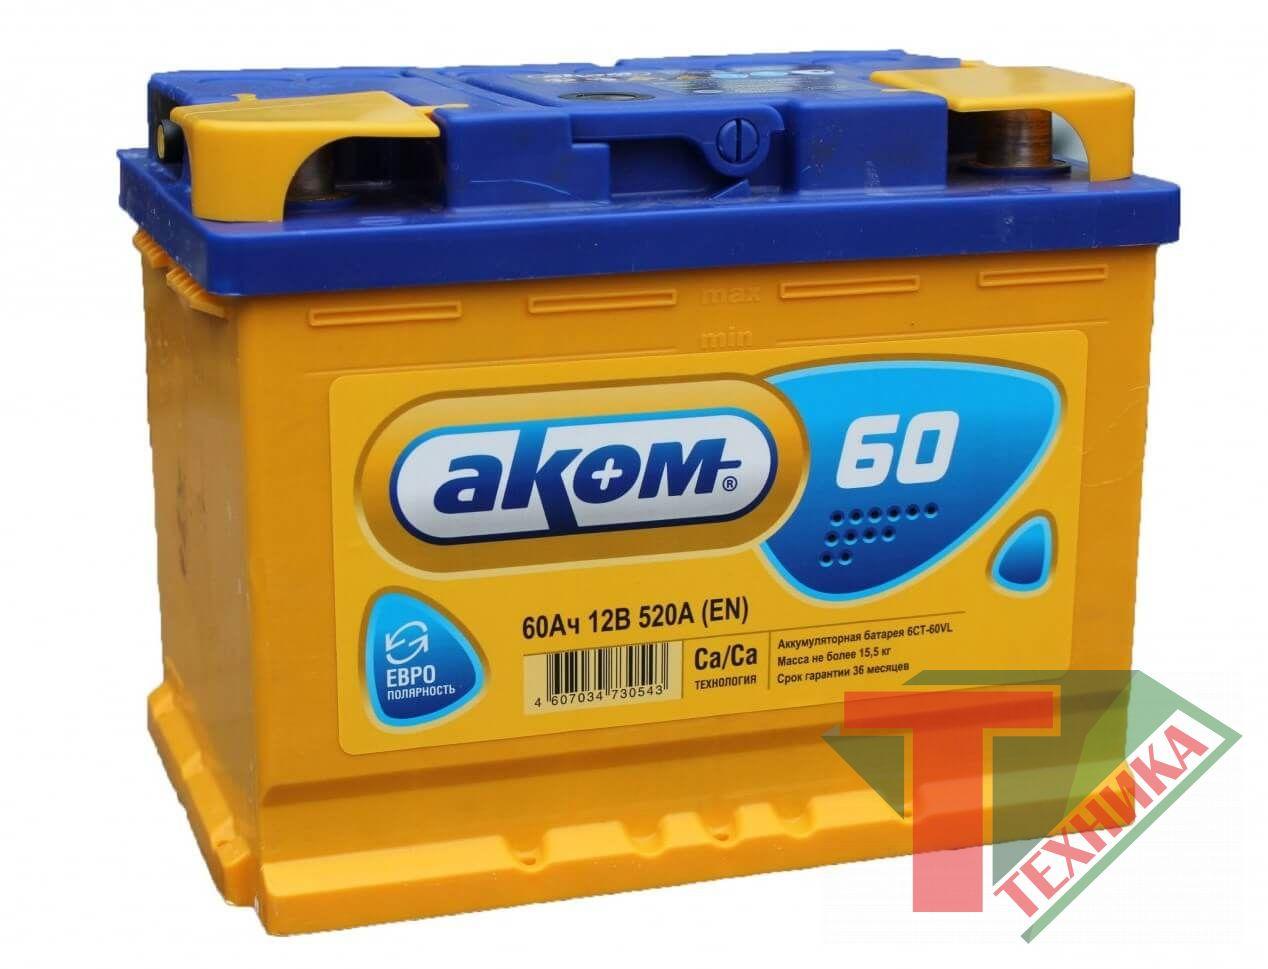 АКБ АКОМ 60R EN520